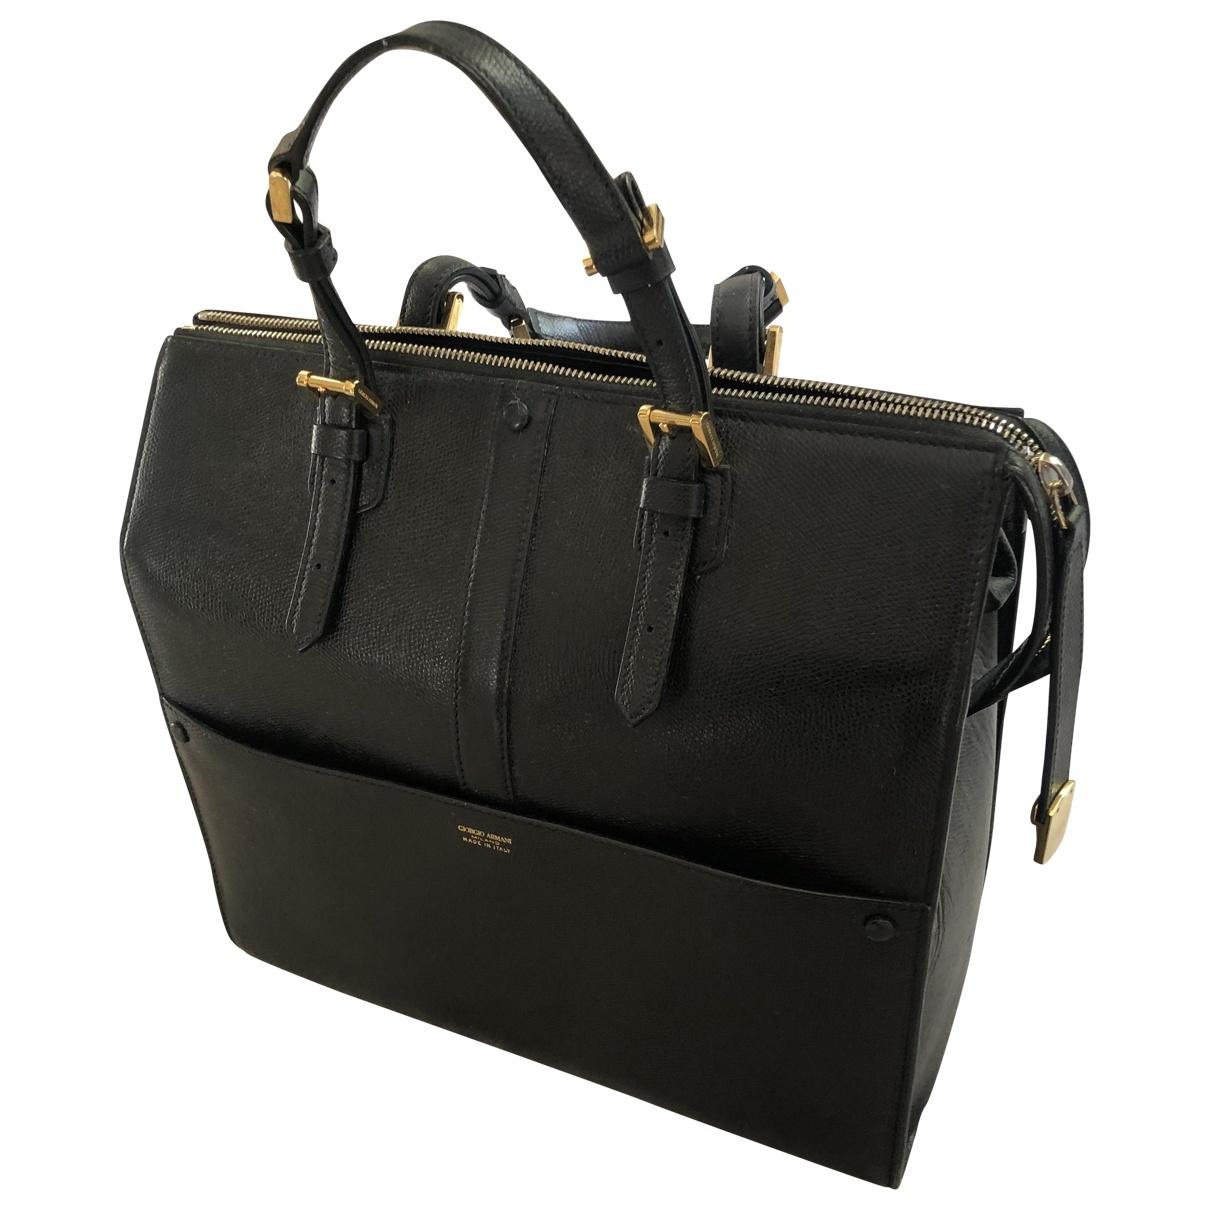 Giorgio Armani - Sac a main   pour femme en cuir - noir